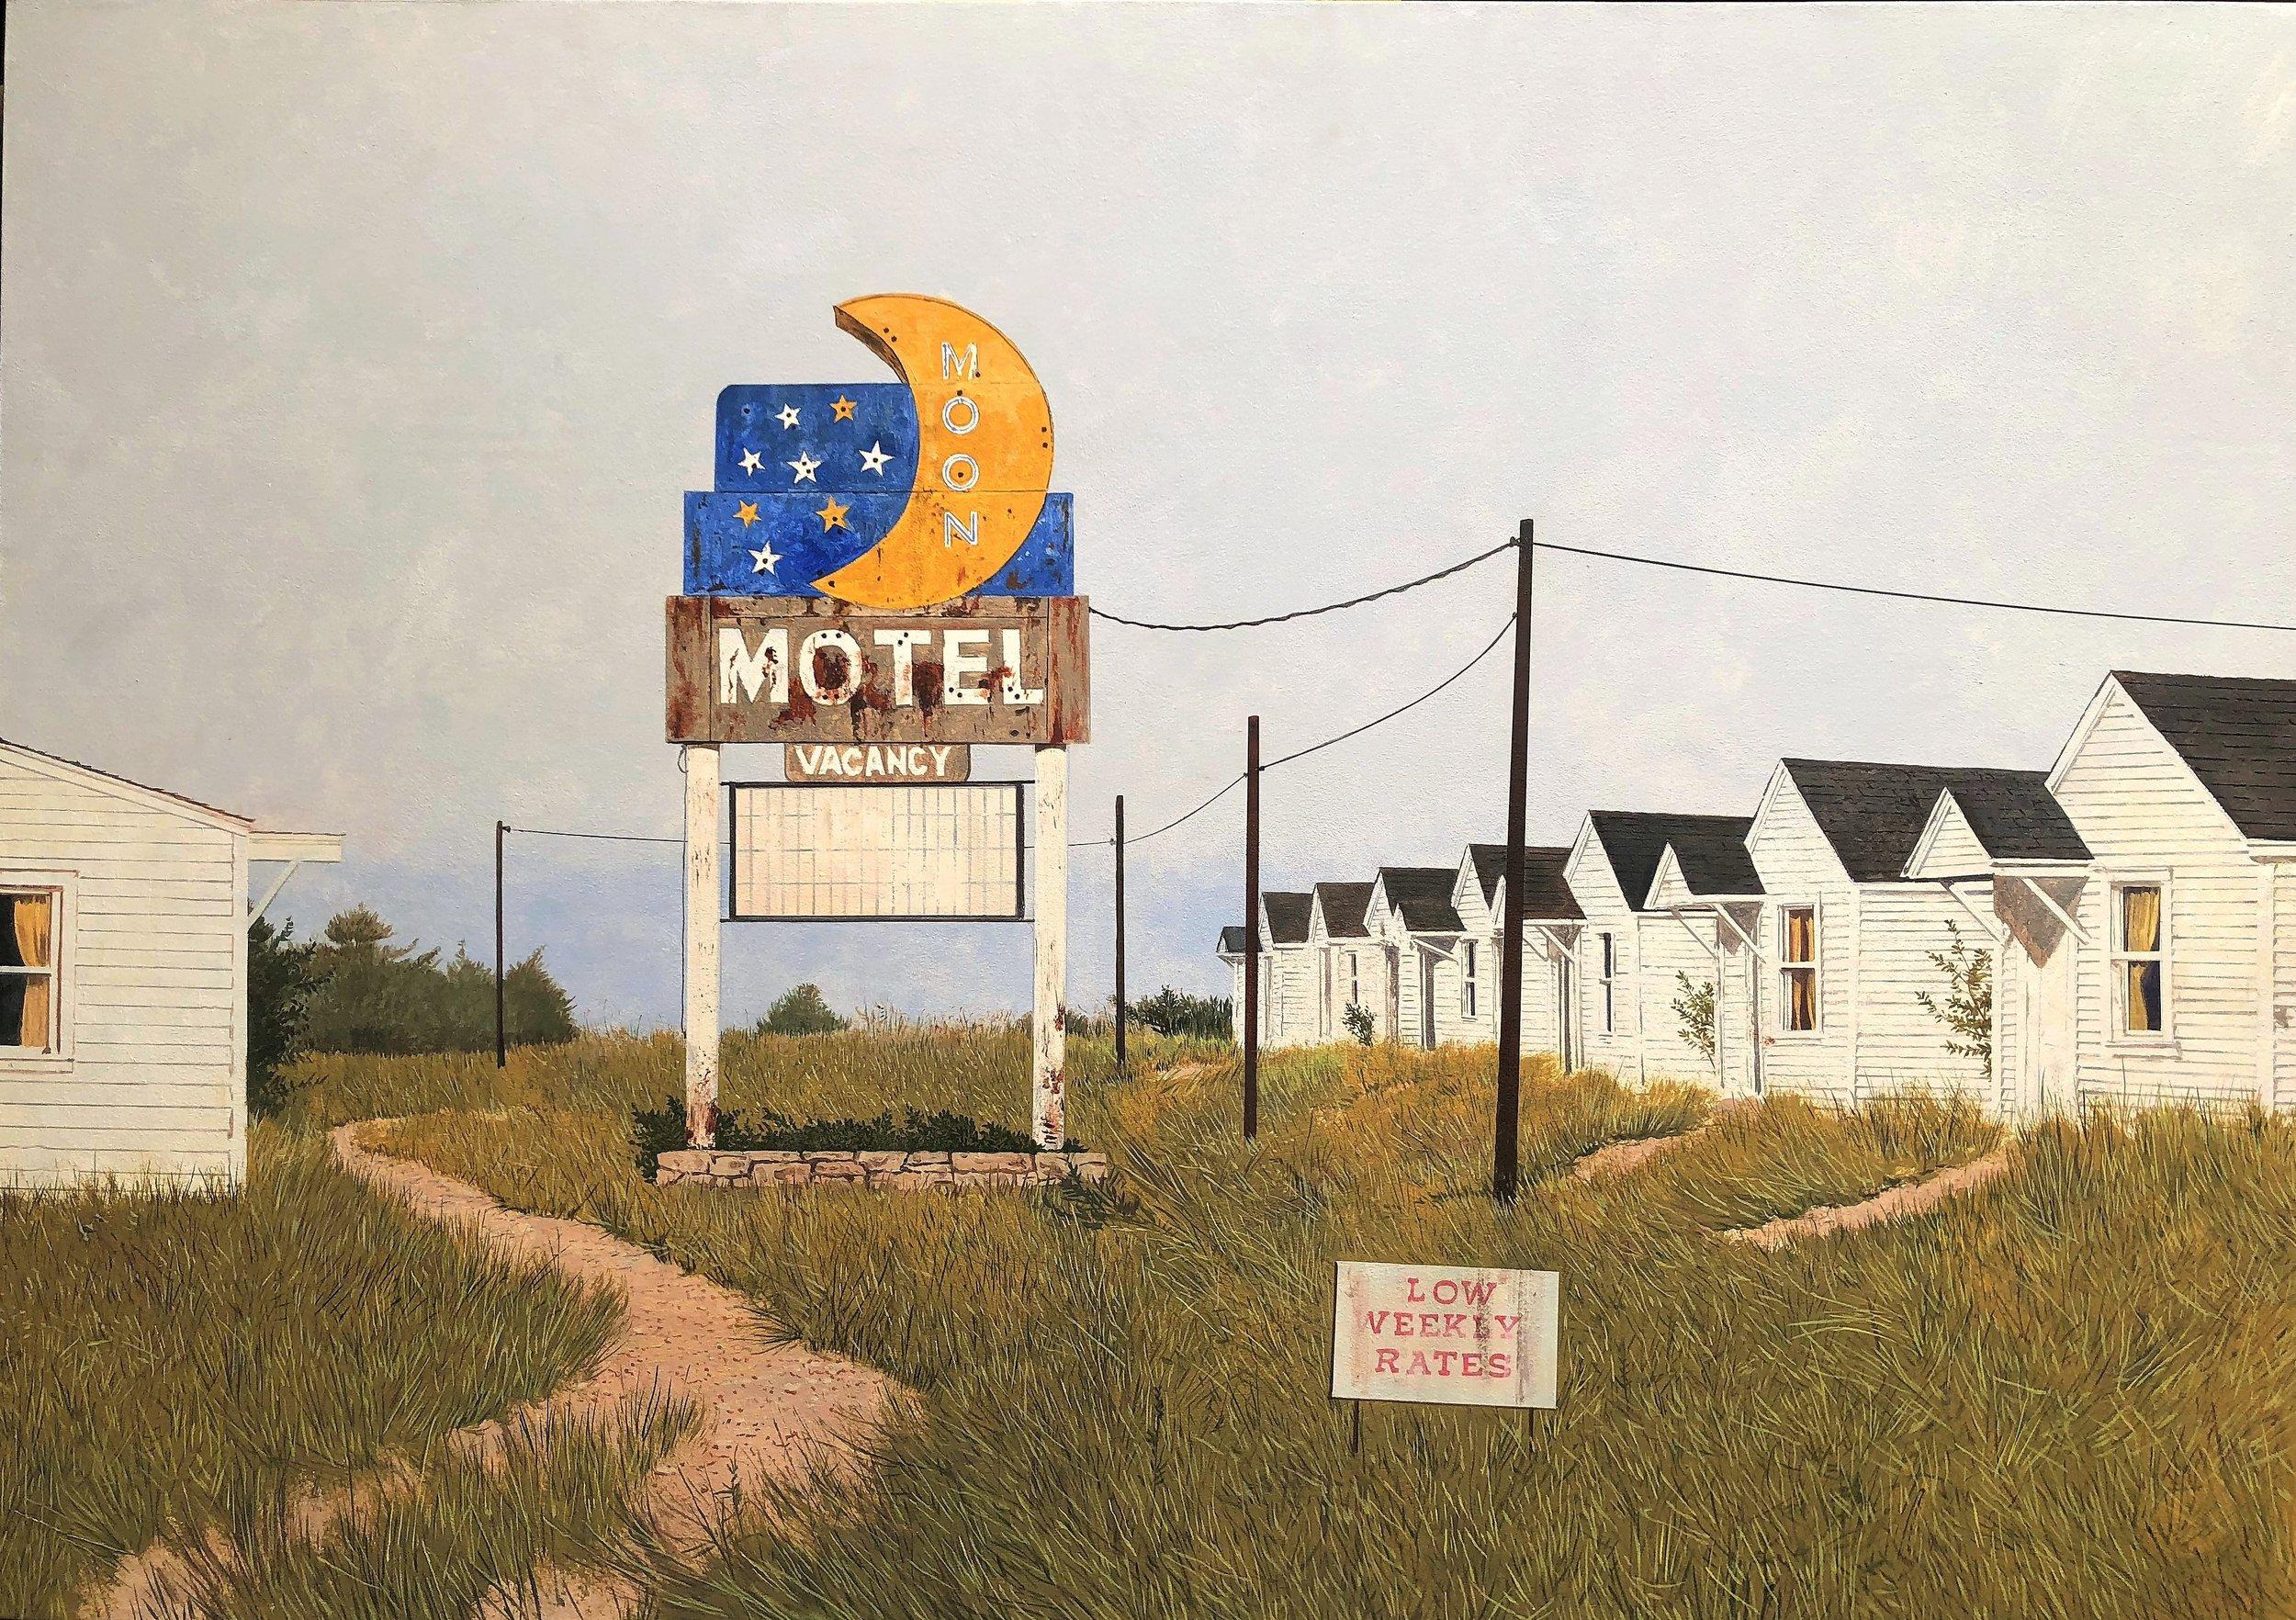 """Daniel Blagg,  Moon Motel,  2018, oil on canvas, 42 x 54"""""""